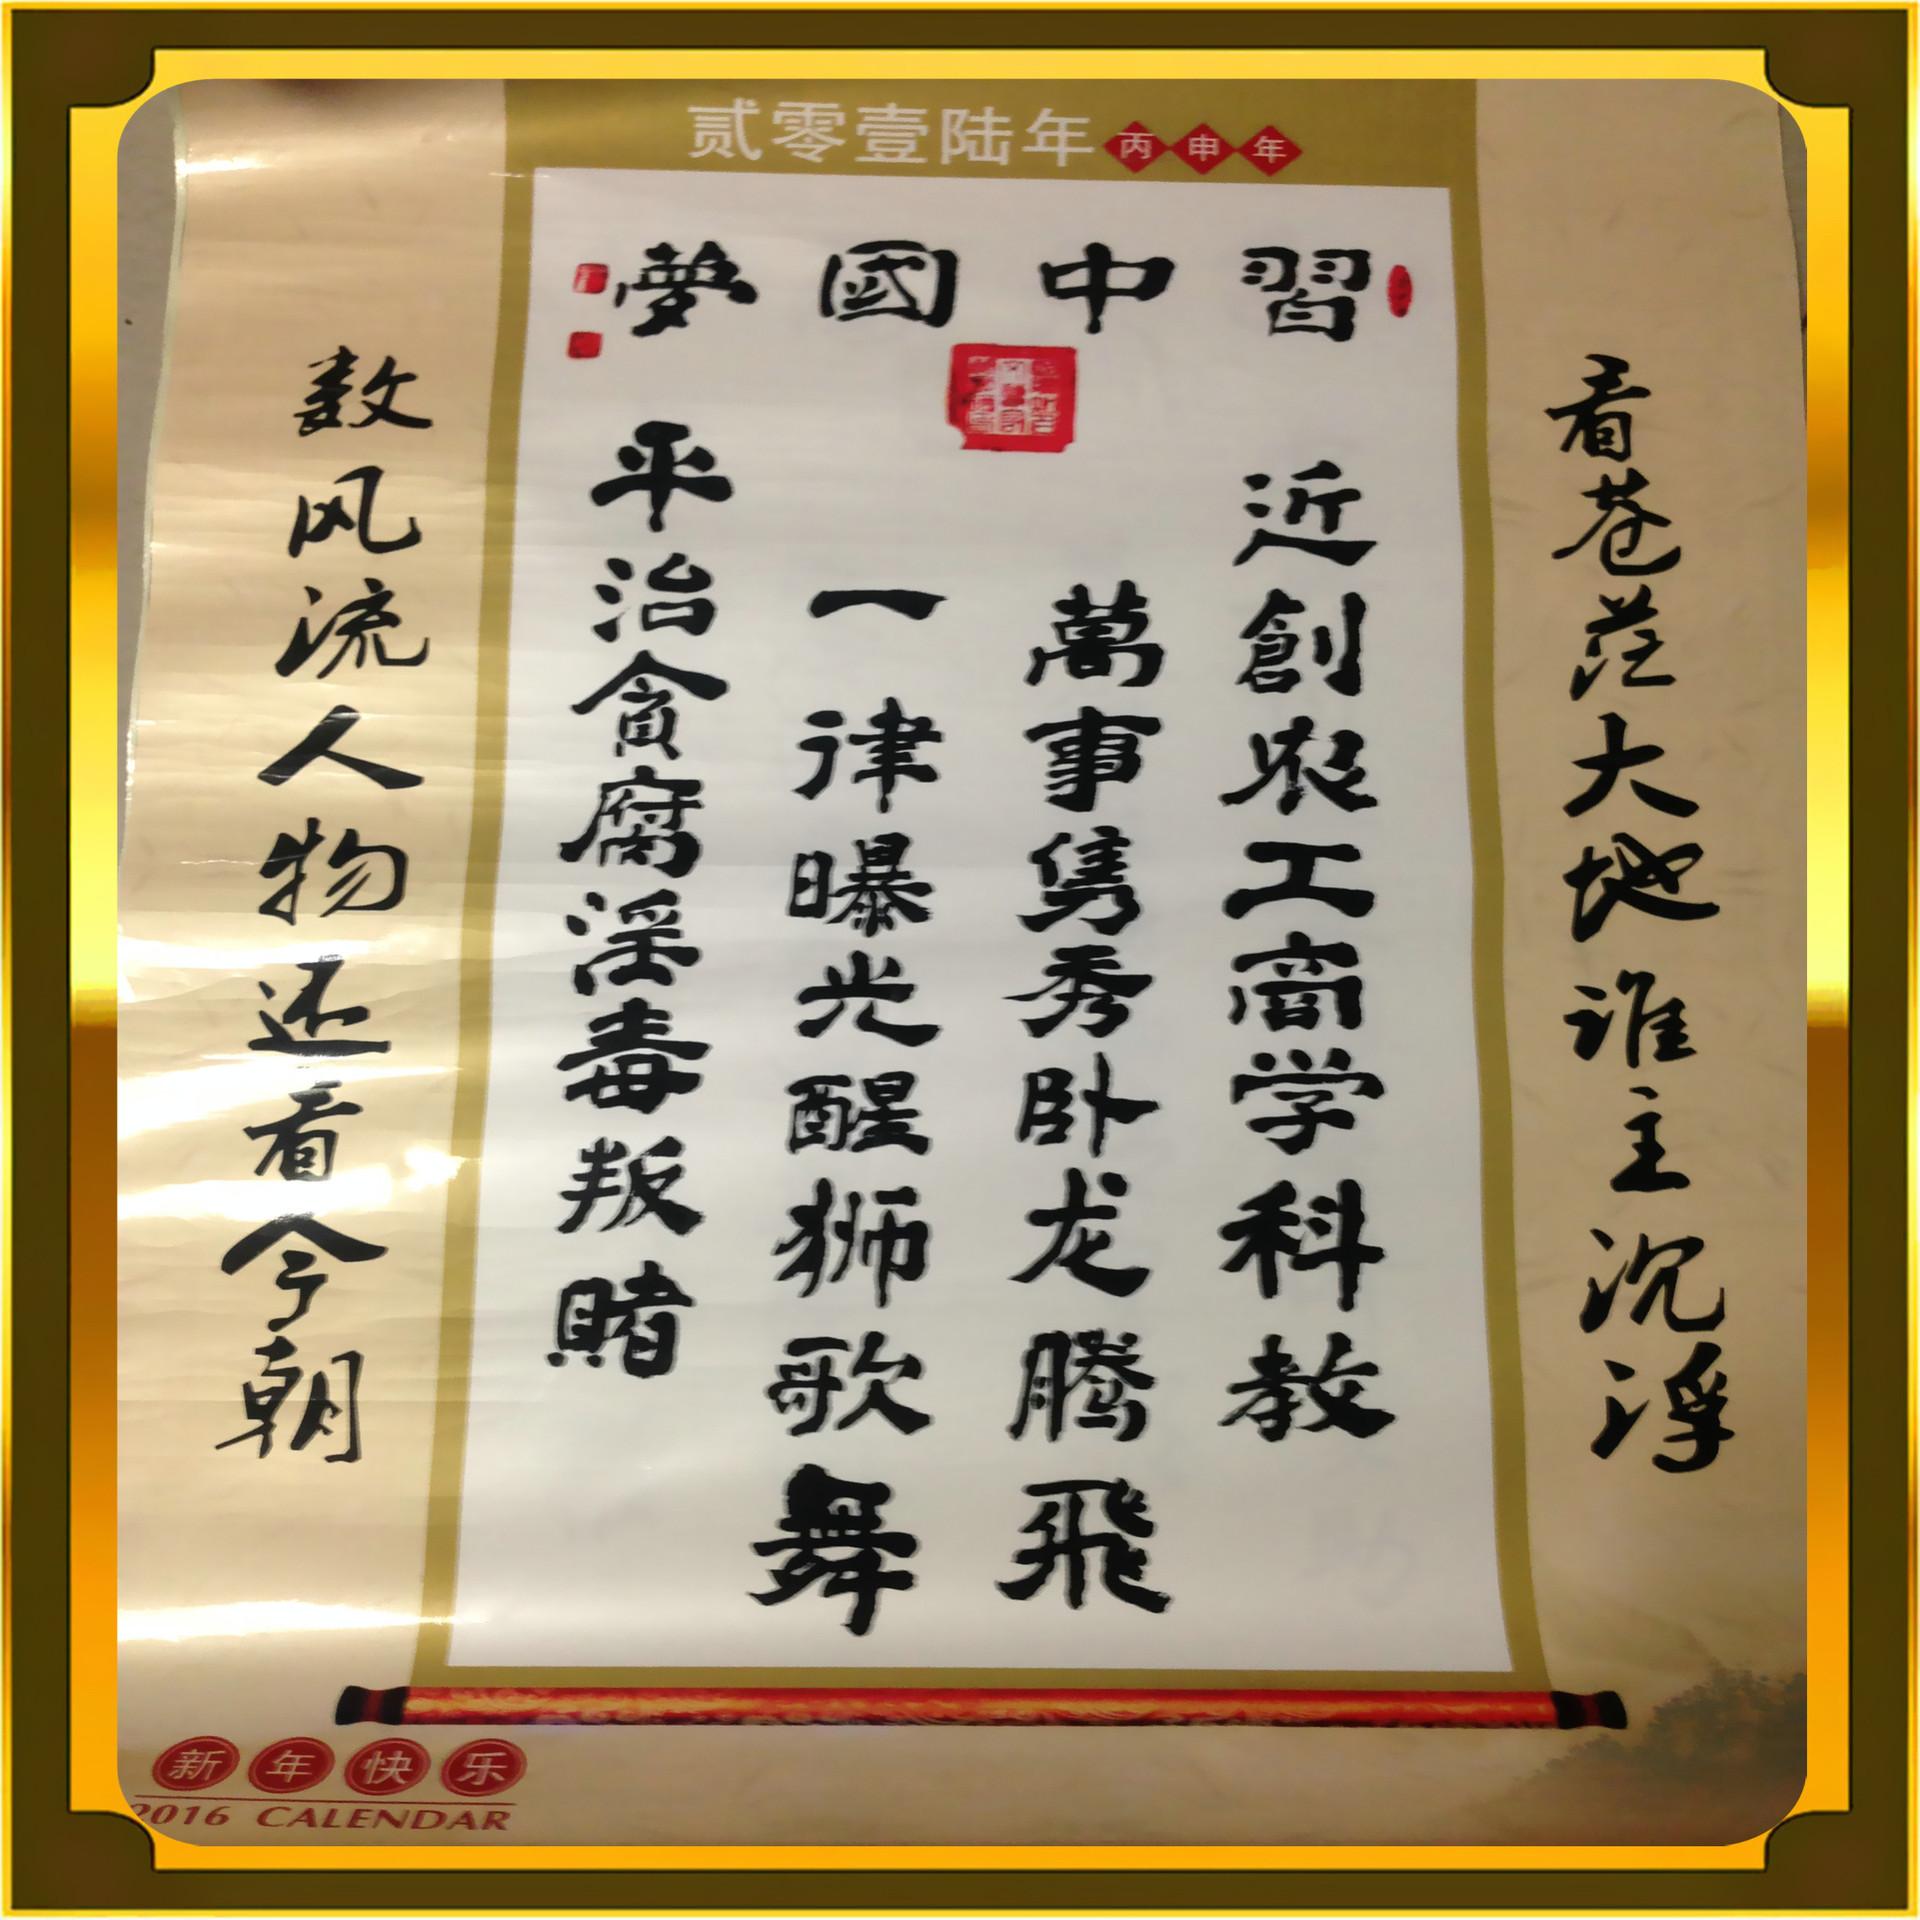 名家书法挂历字画【习中国梦】